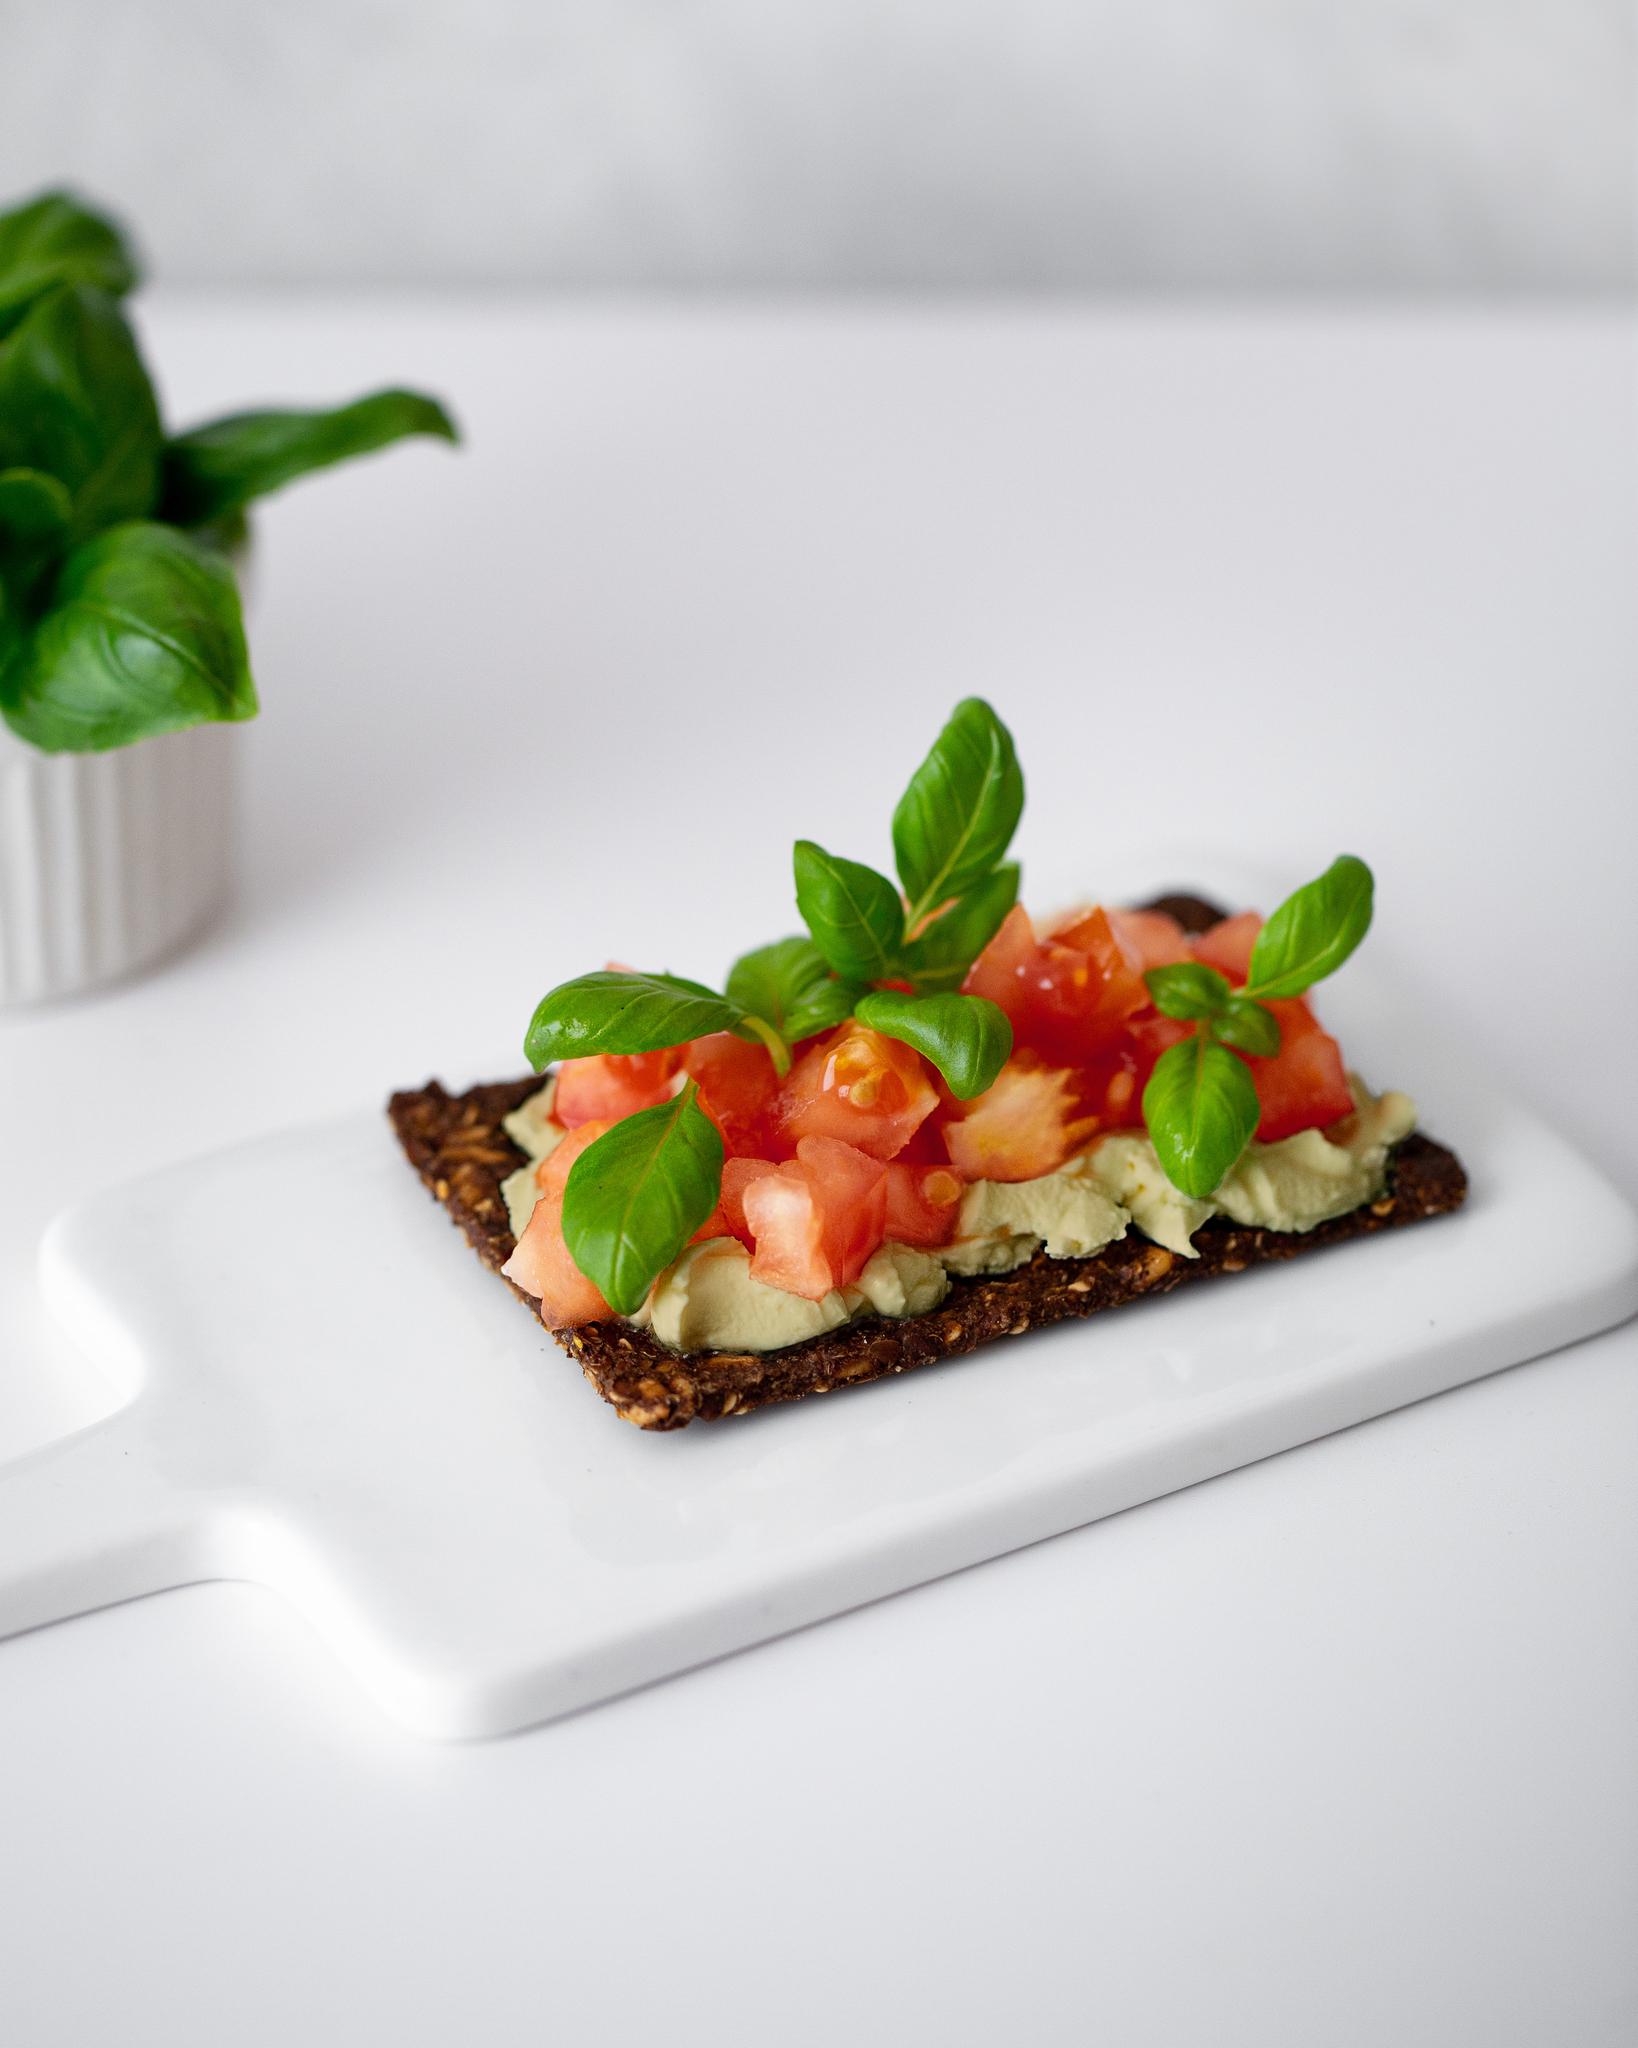 Скандинавские хлебцы с нутовым дипом и свежим томатом